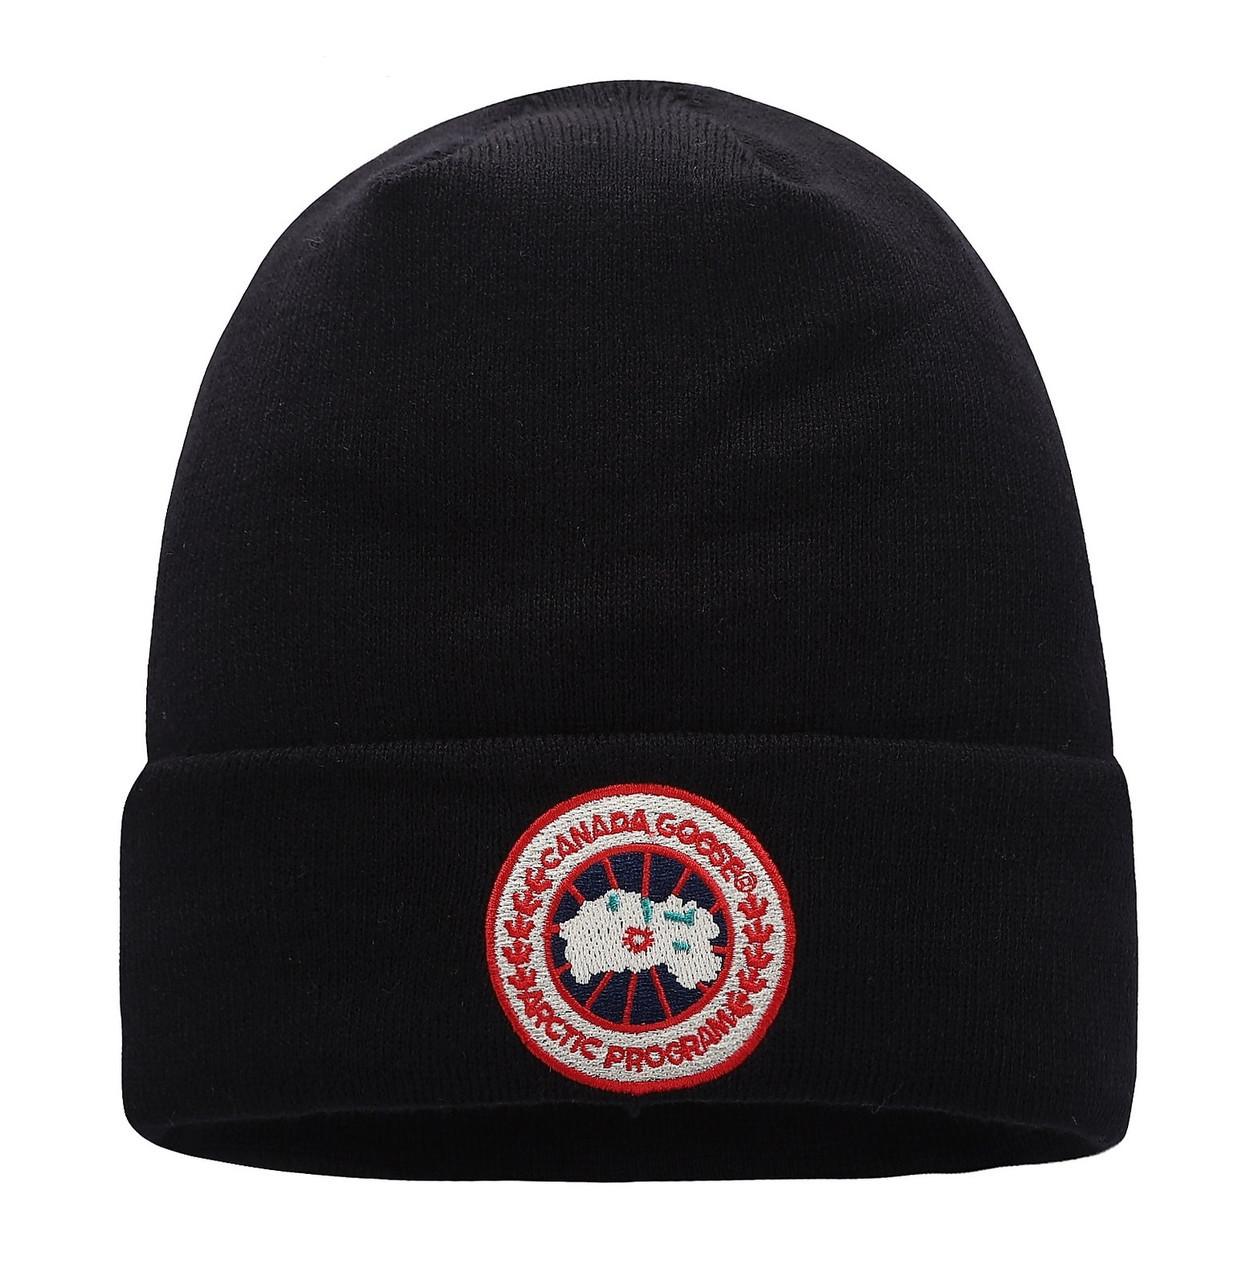 Шапка CANADA AVIATOR для взрослых и подростков хлопок шапки канада гус